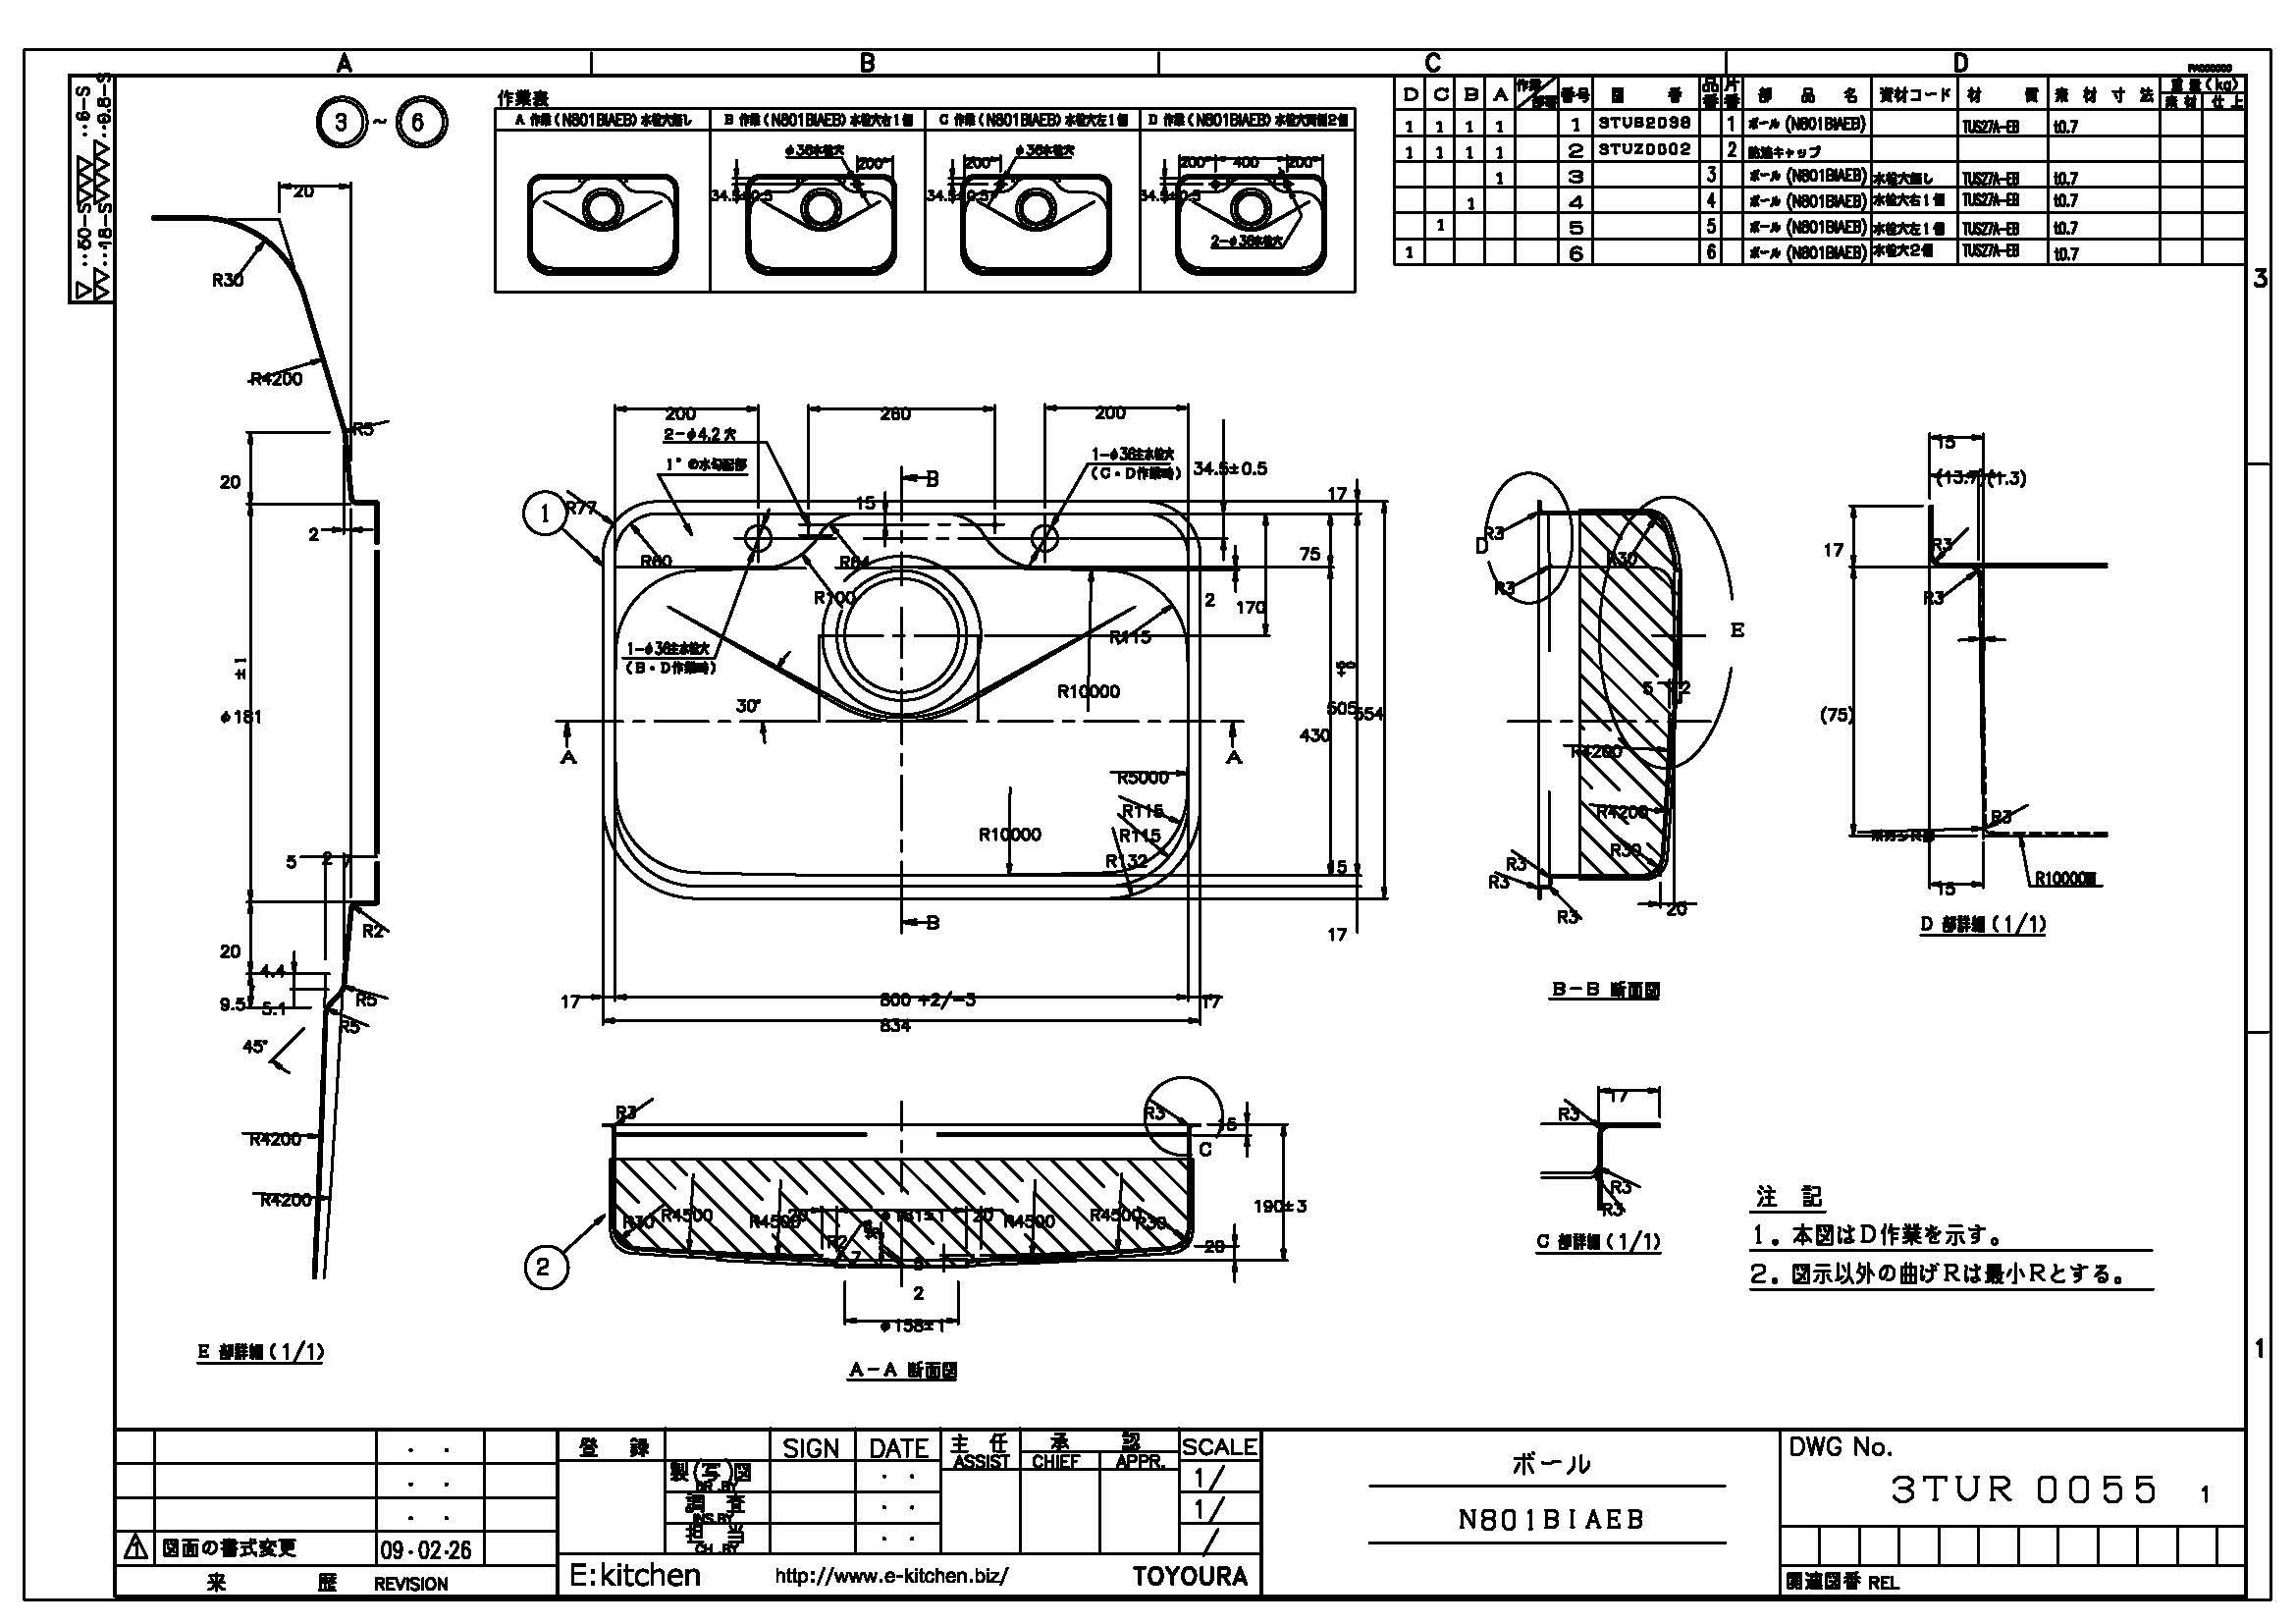 アンダーシンク N801BIA-EB